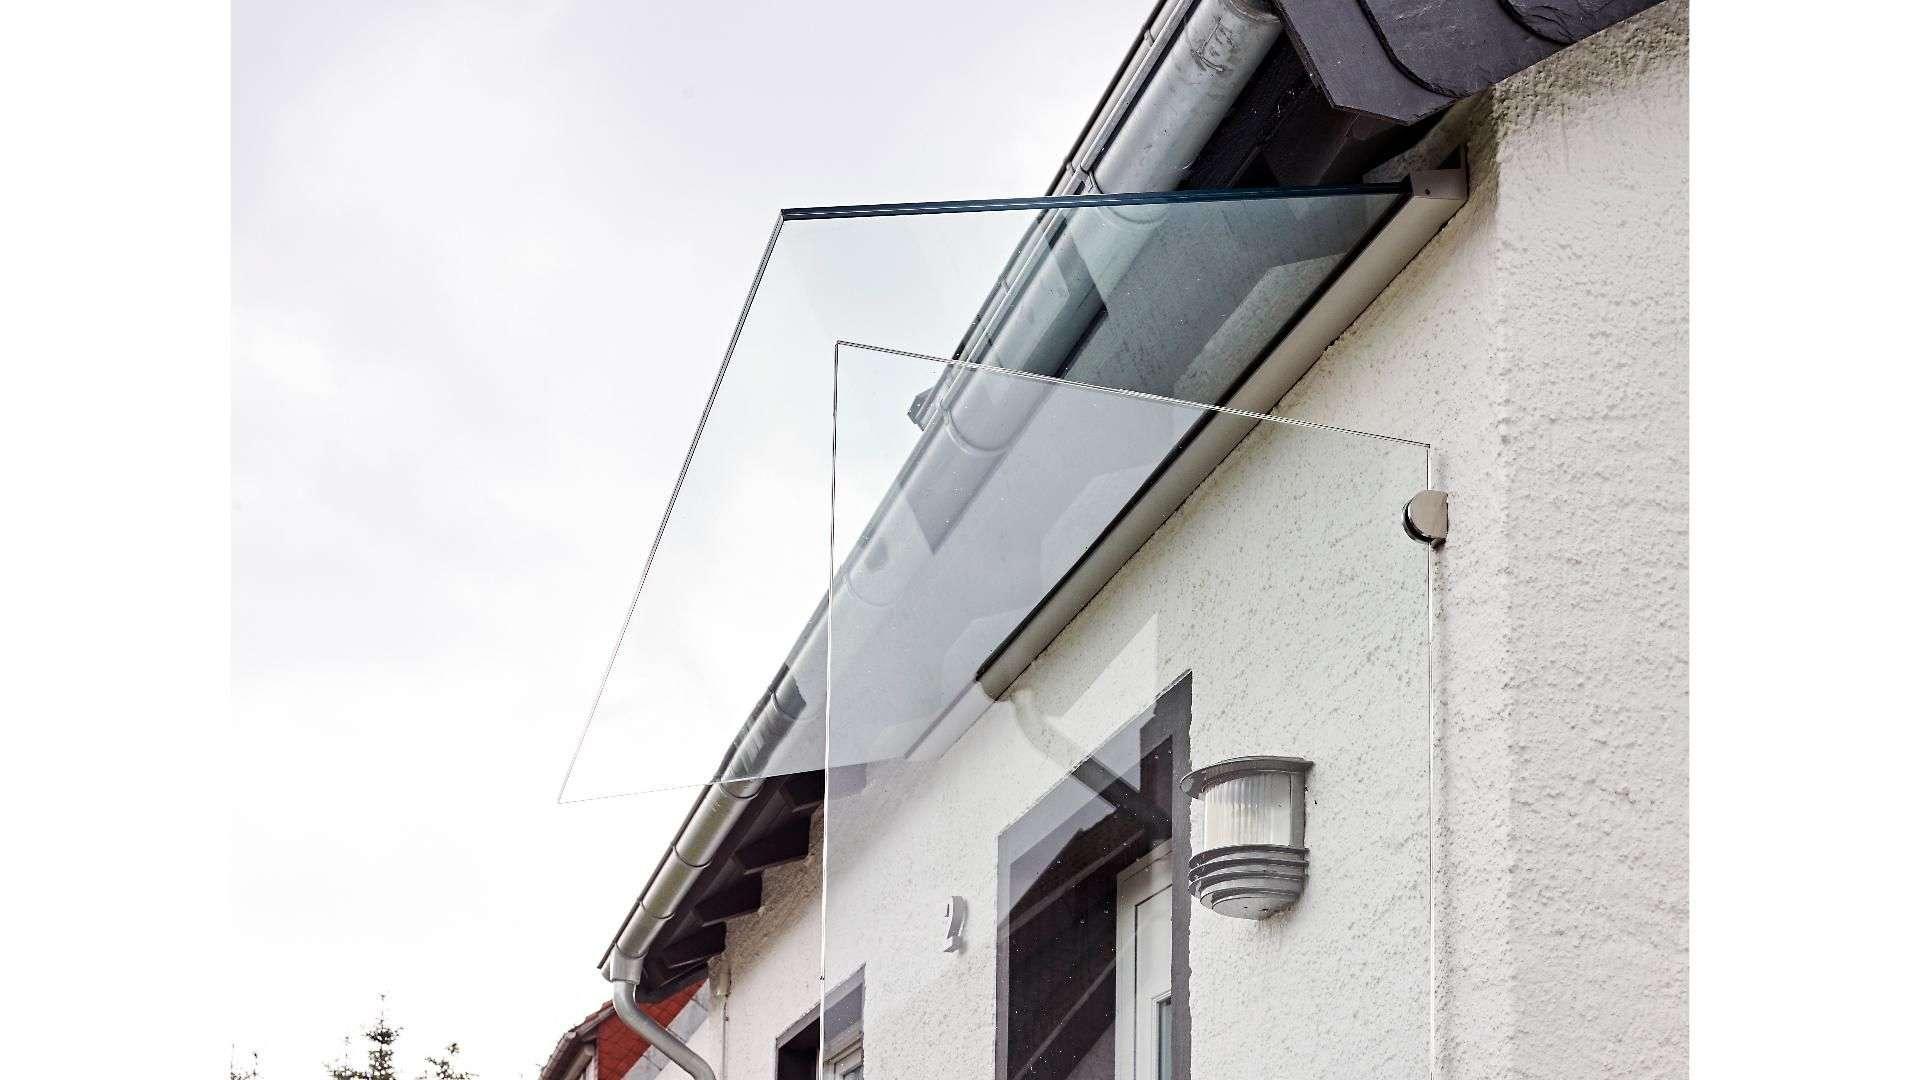 Windschutz neben einer Haustür mit Vordach